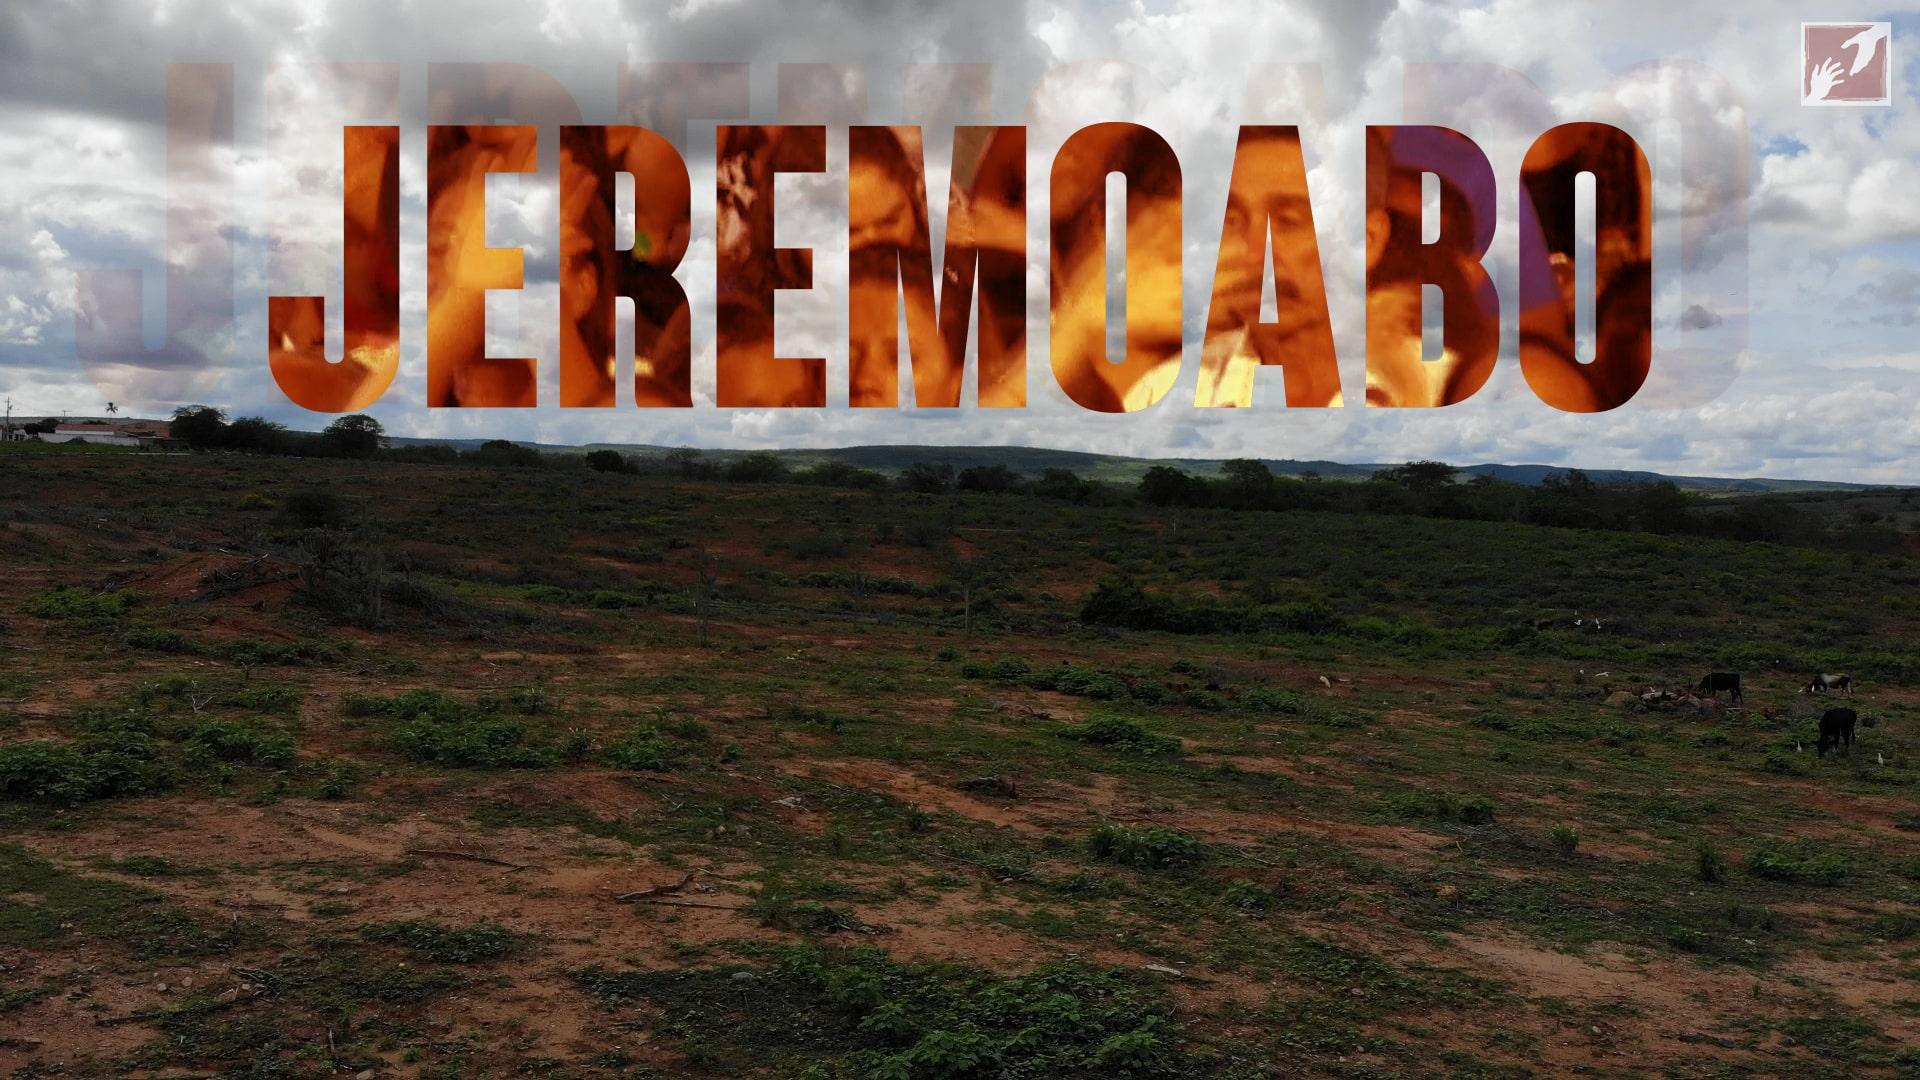 Gospel Festival in Jeremoabo